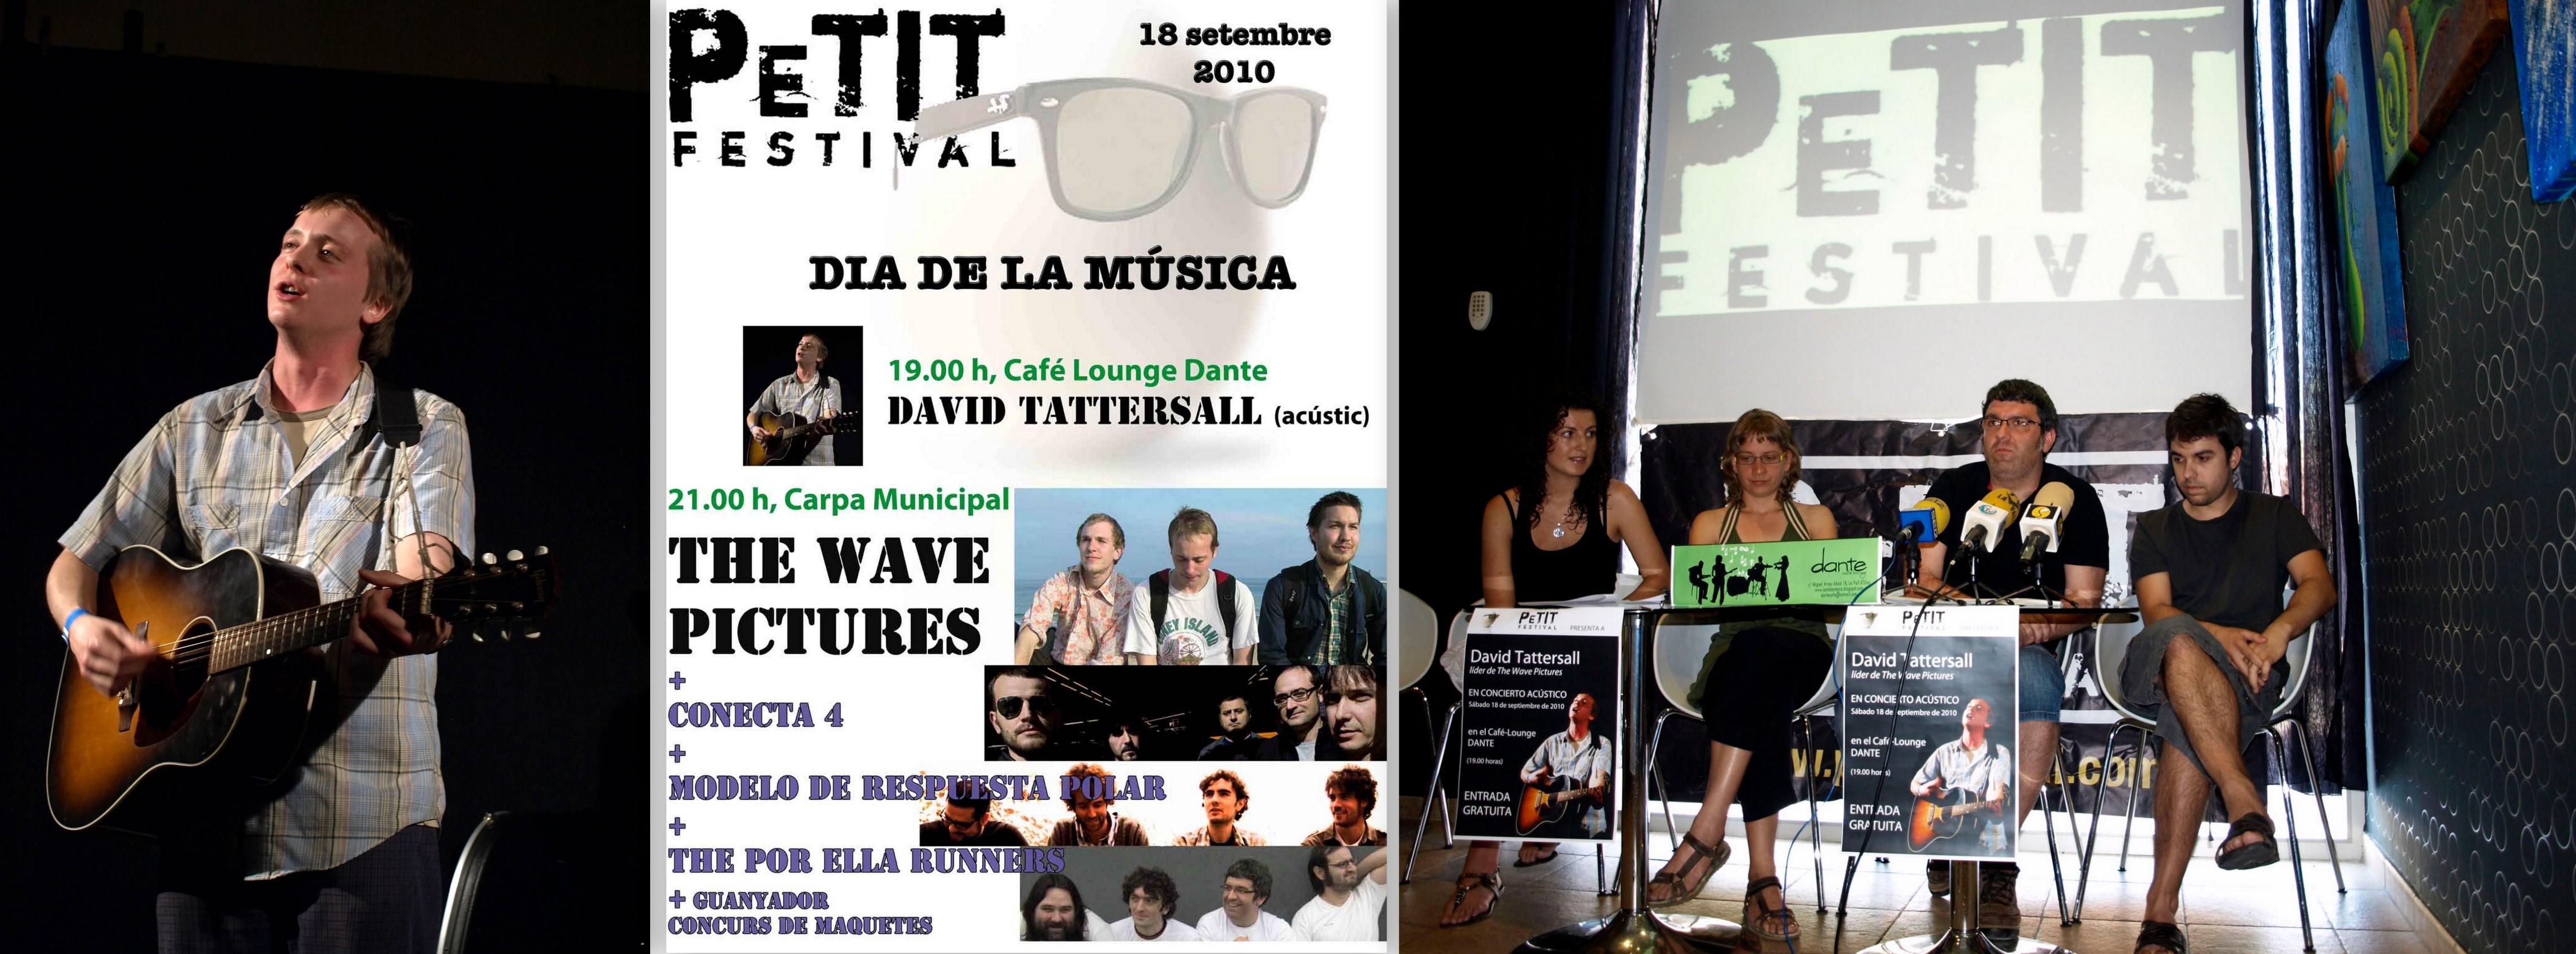 collage-presentacion-petit-festival